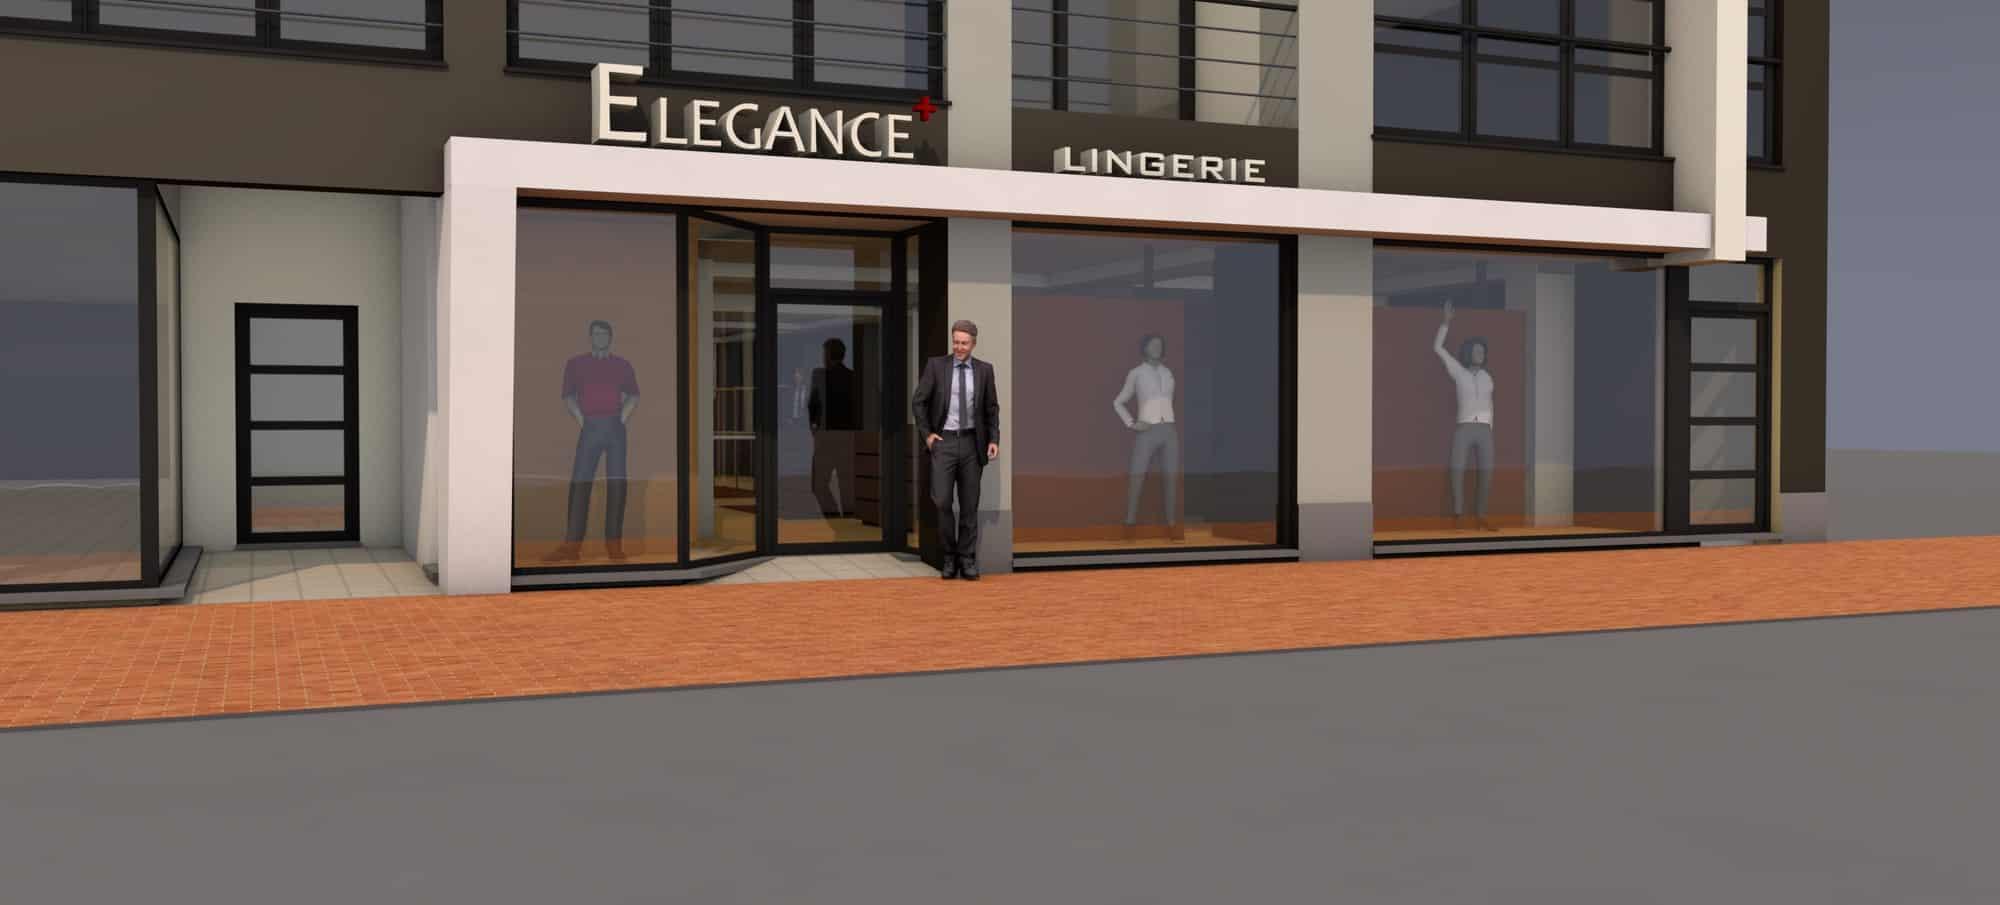 Detail afbeelding 1 van Elegance Lingerie Genk | Ontwerp door architect Patrick Strackx